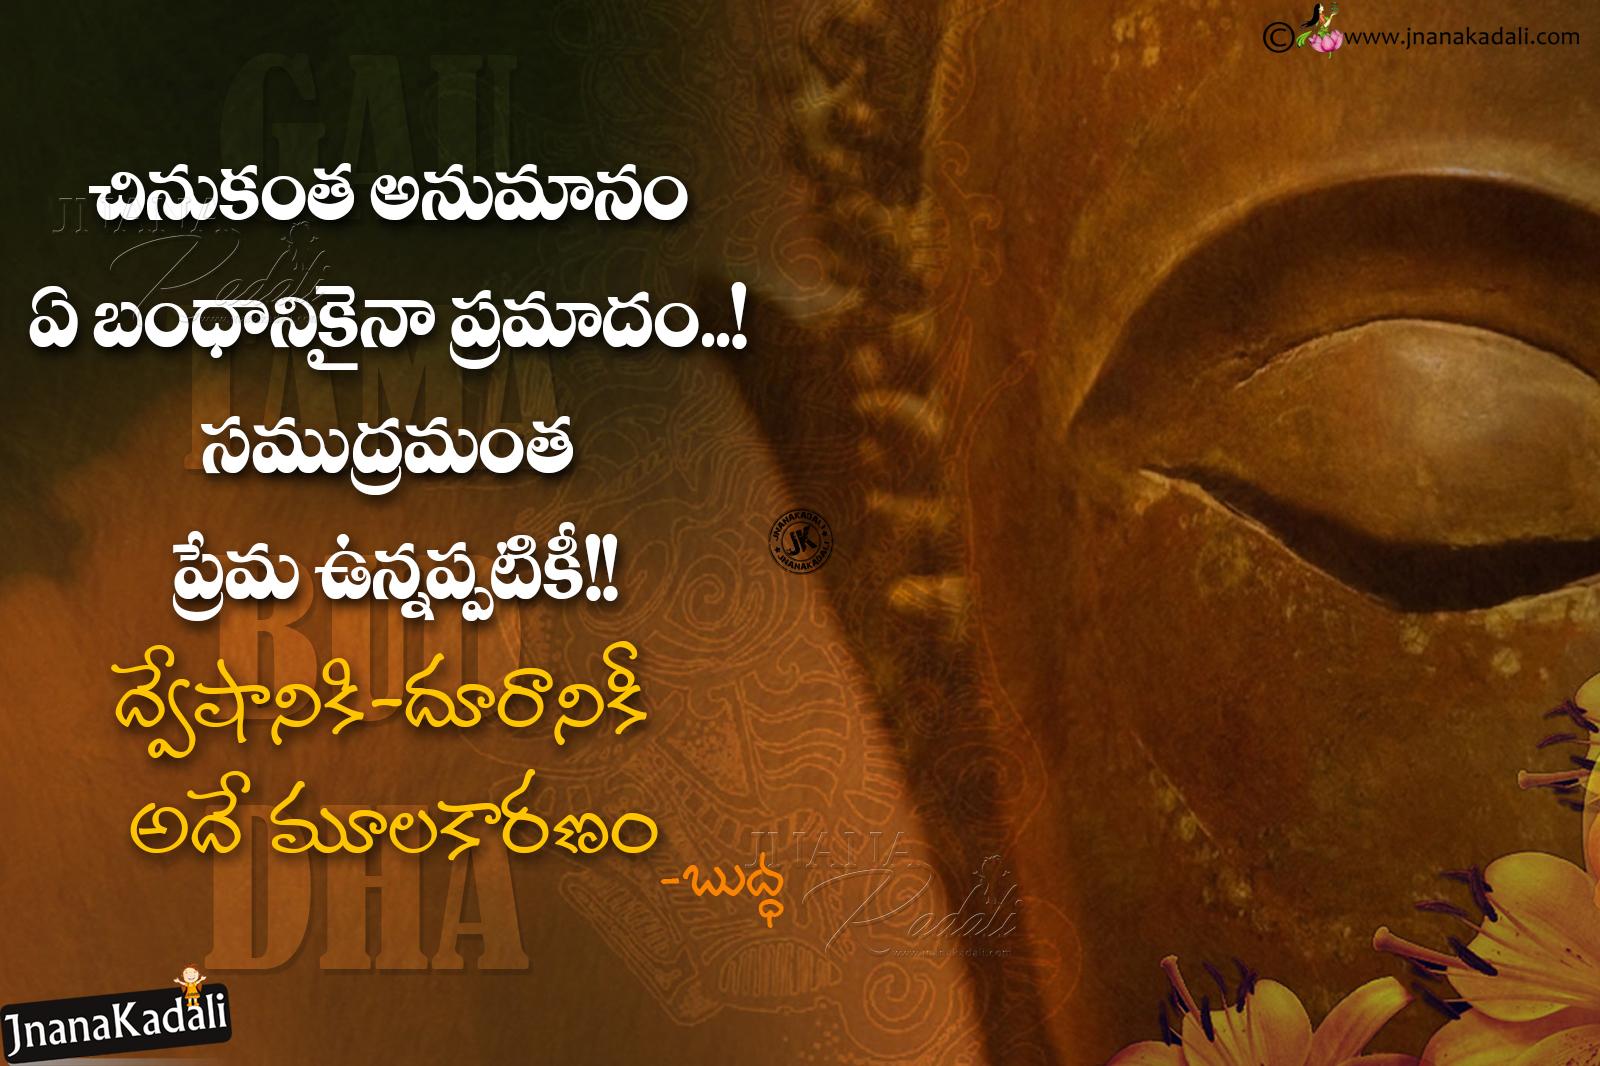 Telugu Latest Gautama Buddha Quotes Messages Best Gautama Buddha Quotes Messages In Telugu Jnana Kadali Com Telugu Quotes English Quotes Hindi Quotes Tamil Quotes Dharmasandehalu